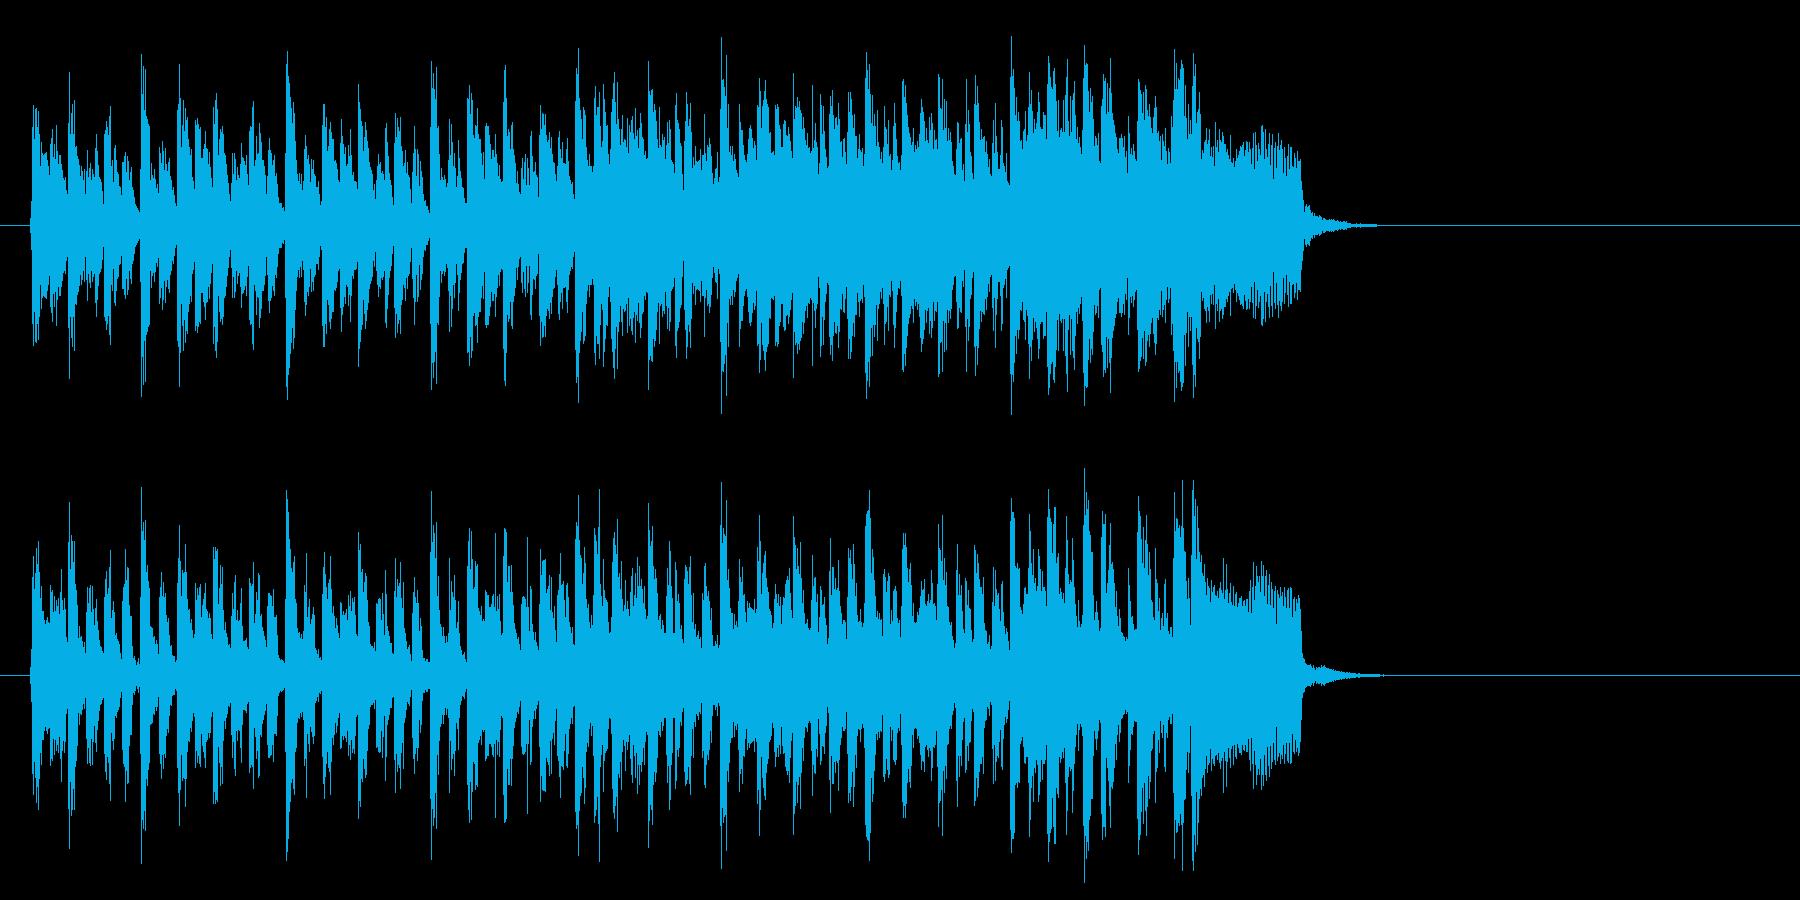 力強い歌謡曲風ポップス(イントロ)の再生済みの波形